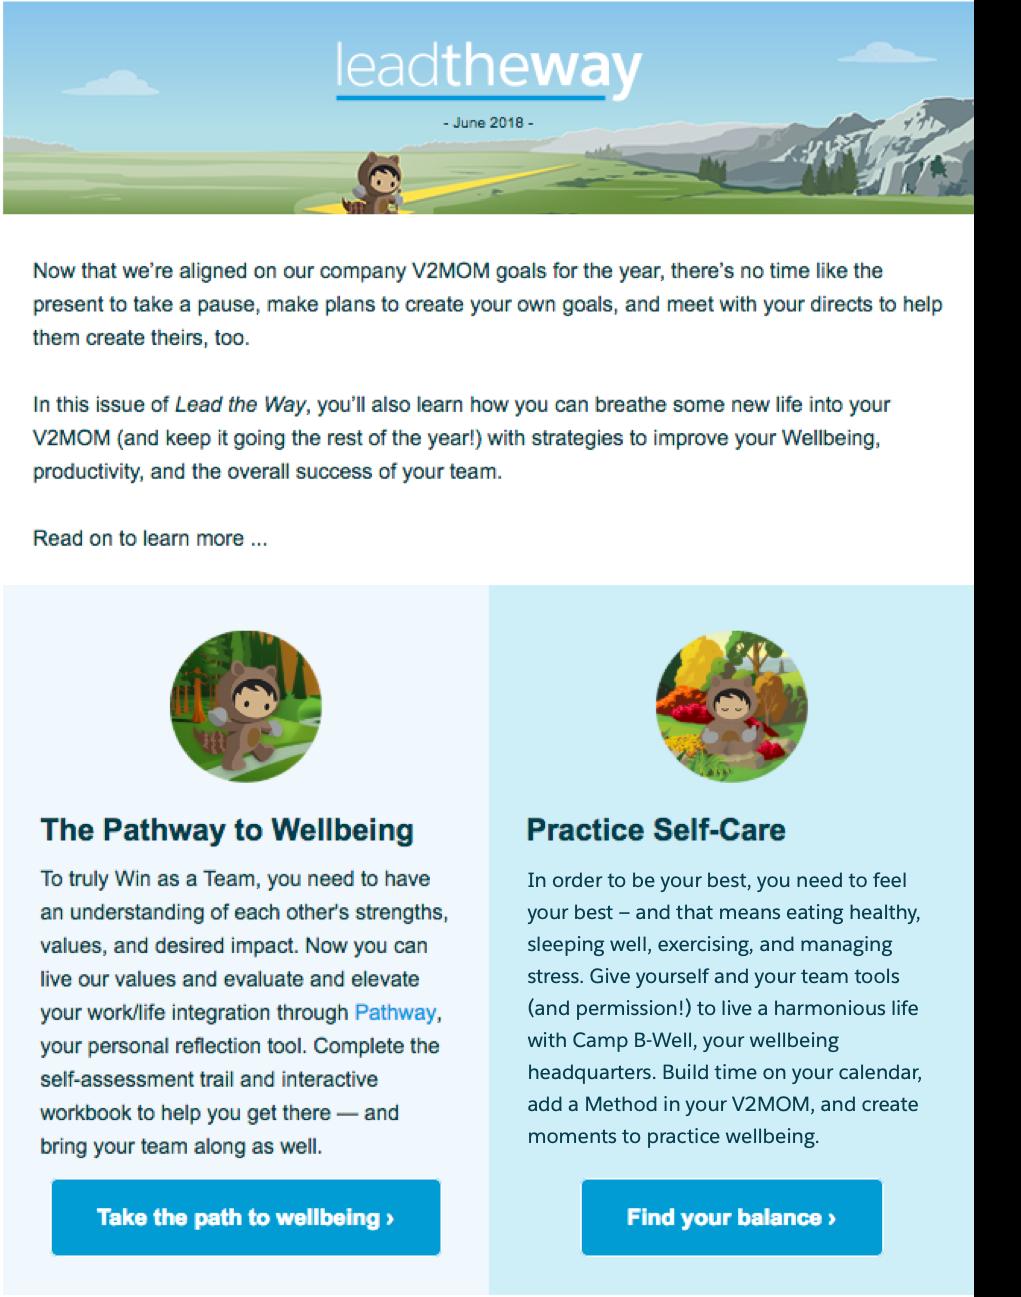 Bulletin bimestriel destiné aux responsables qui met l'accent sur l'importance de prendre soin de soi.